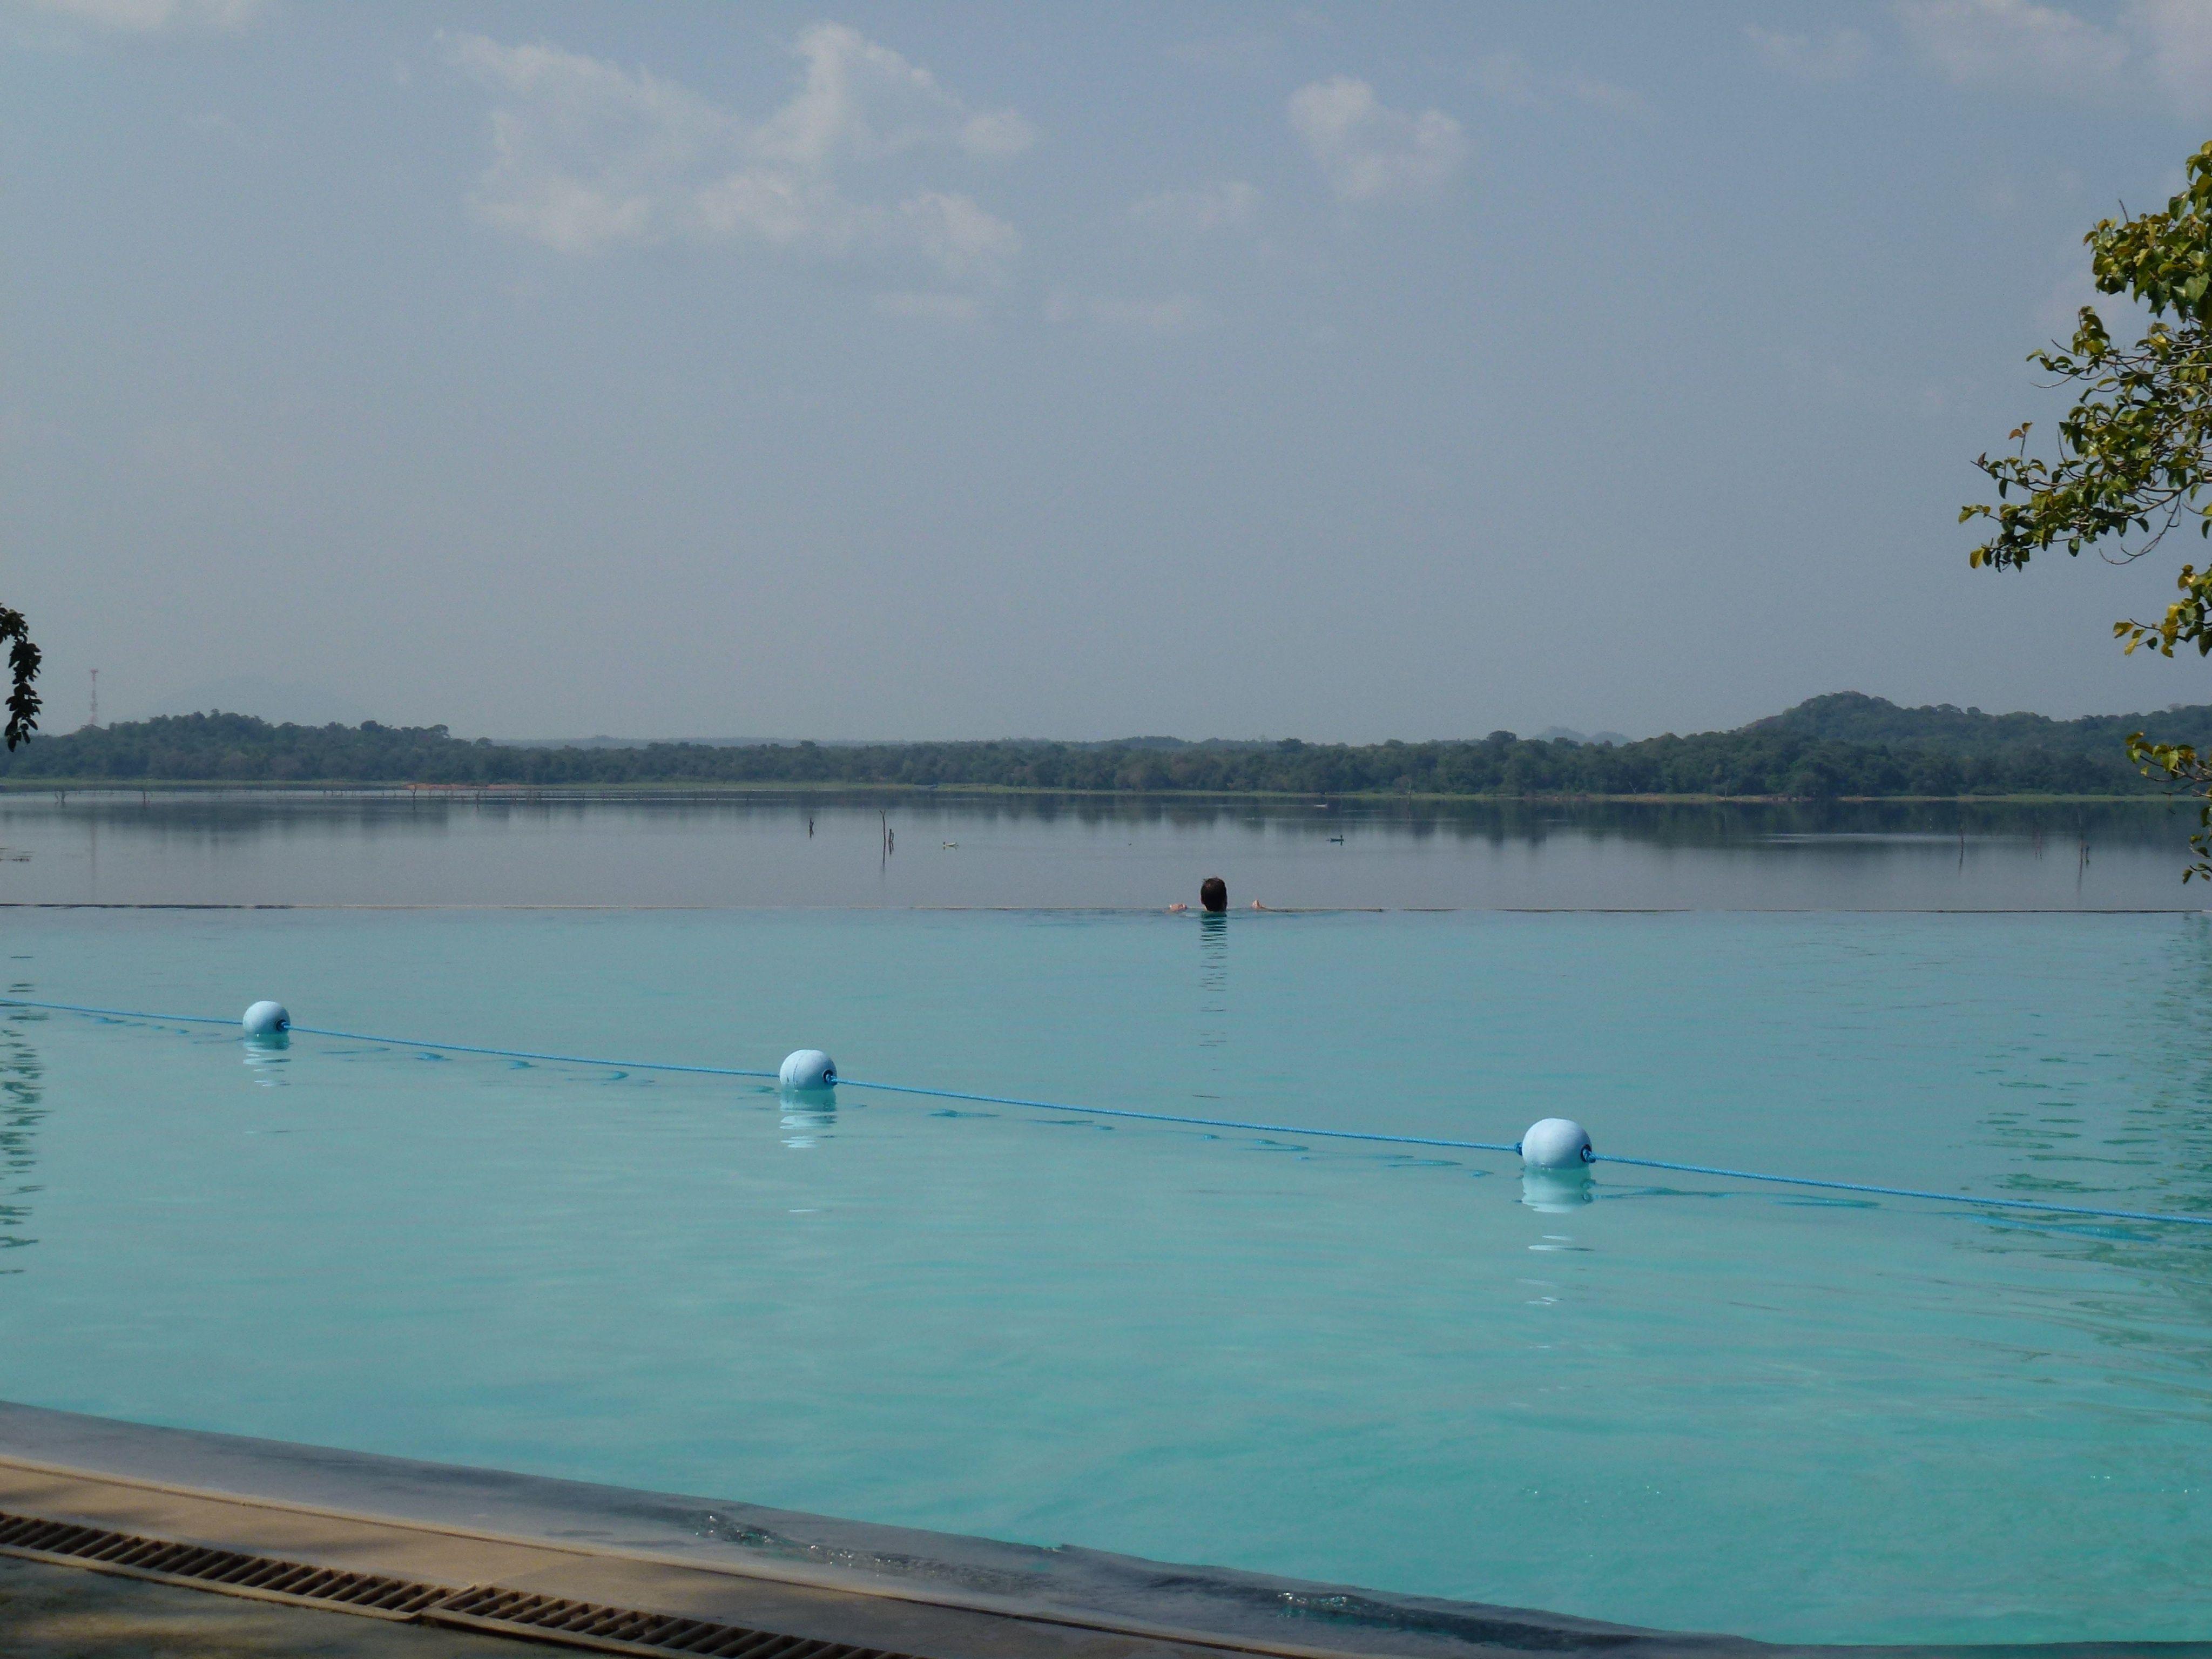 Heritance Kanalama Hotel, #SriLanka